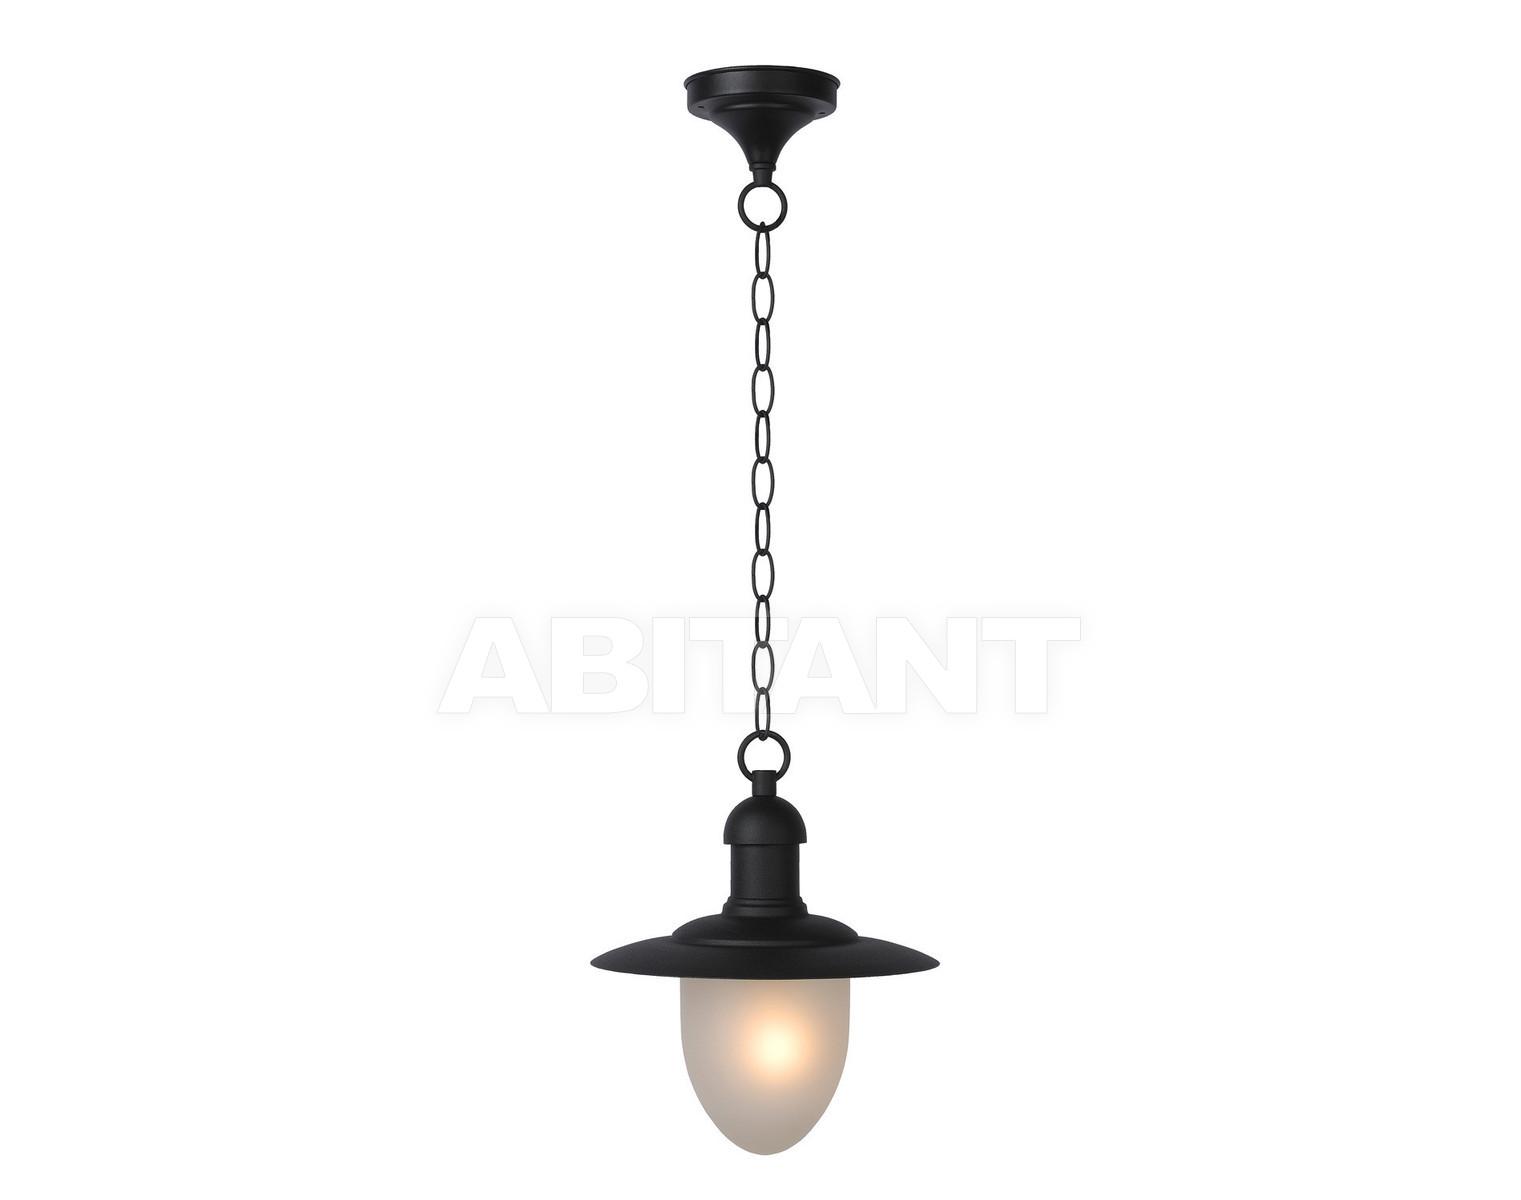 Купить Подвесной фонарь Lucide  Outdoor 2013 11872/01/30